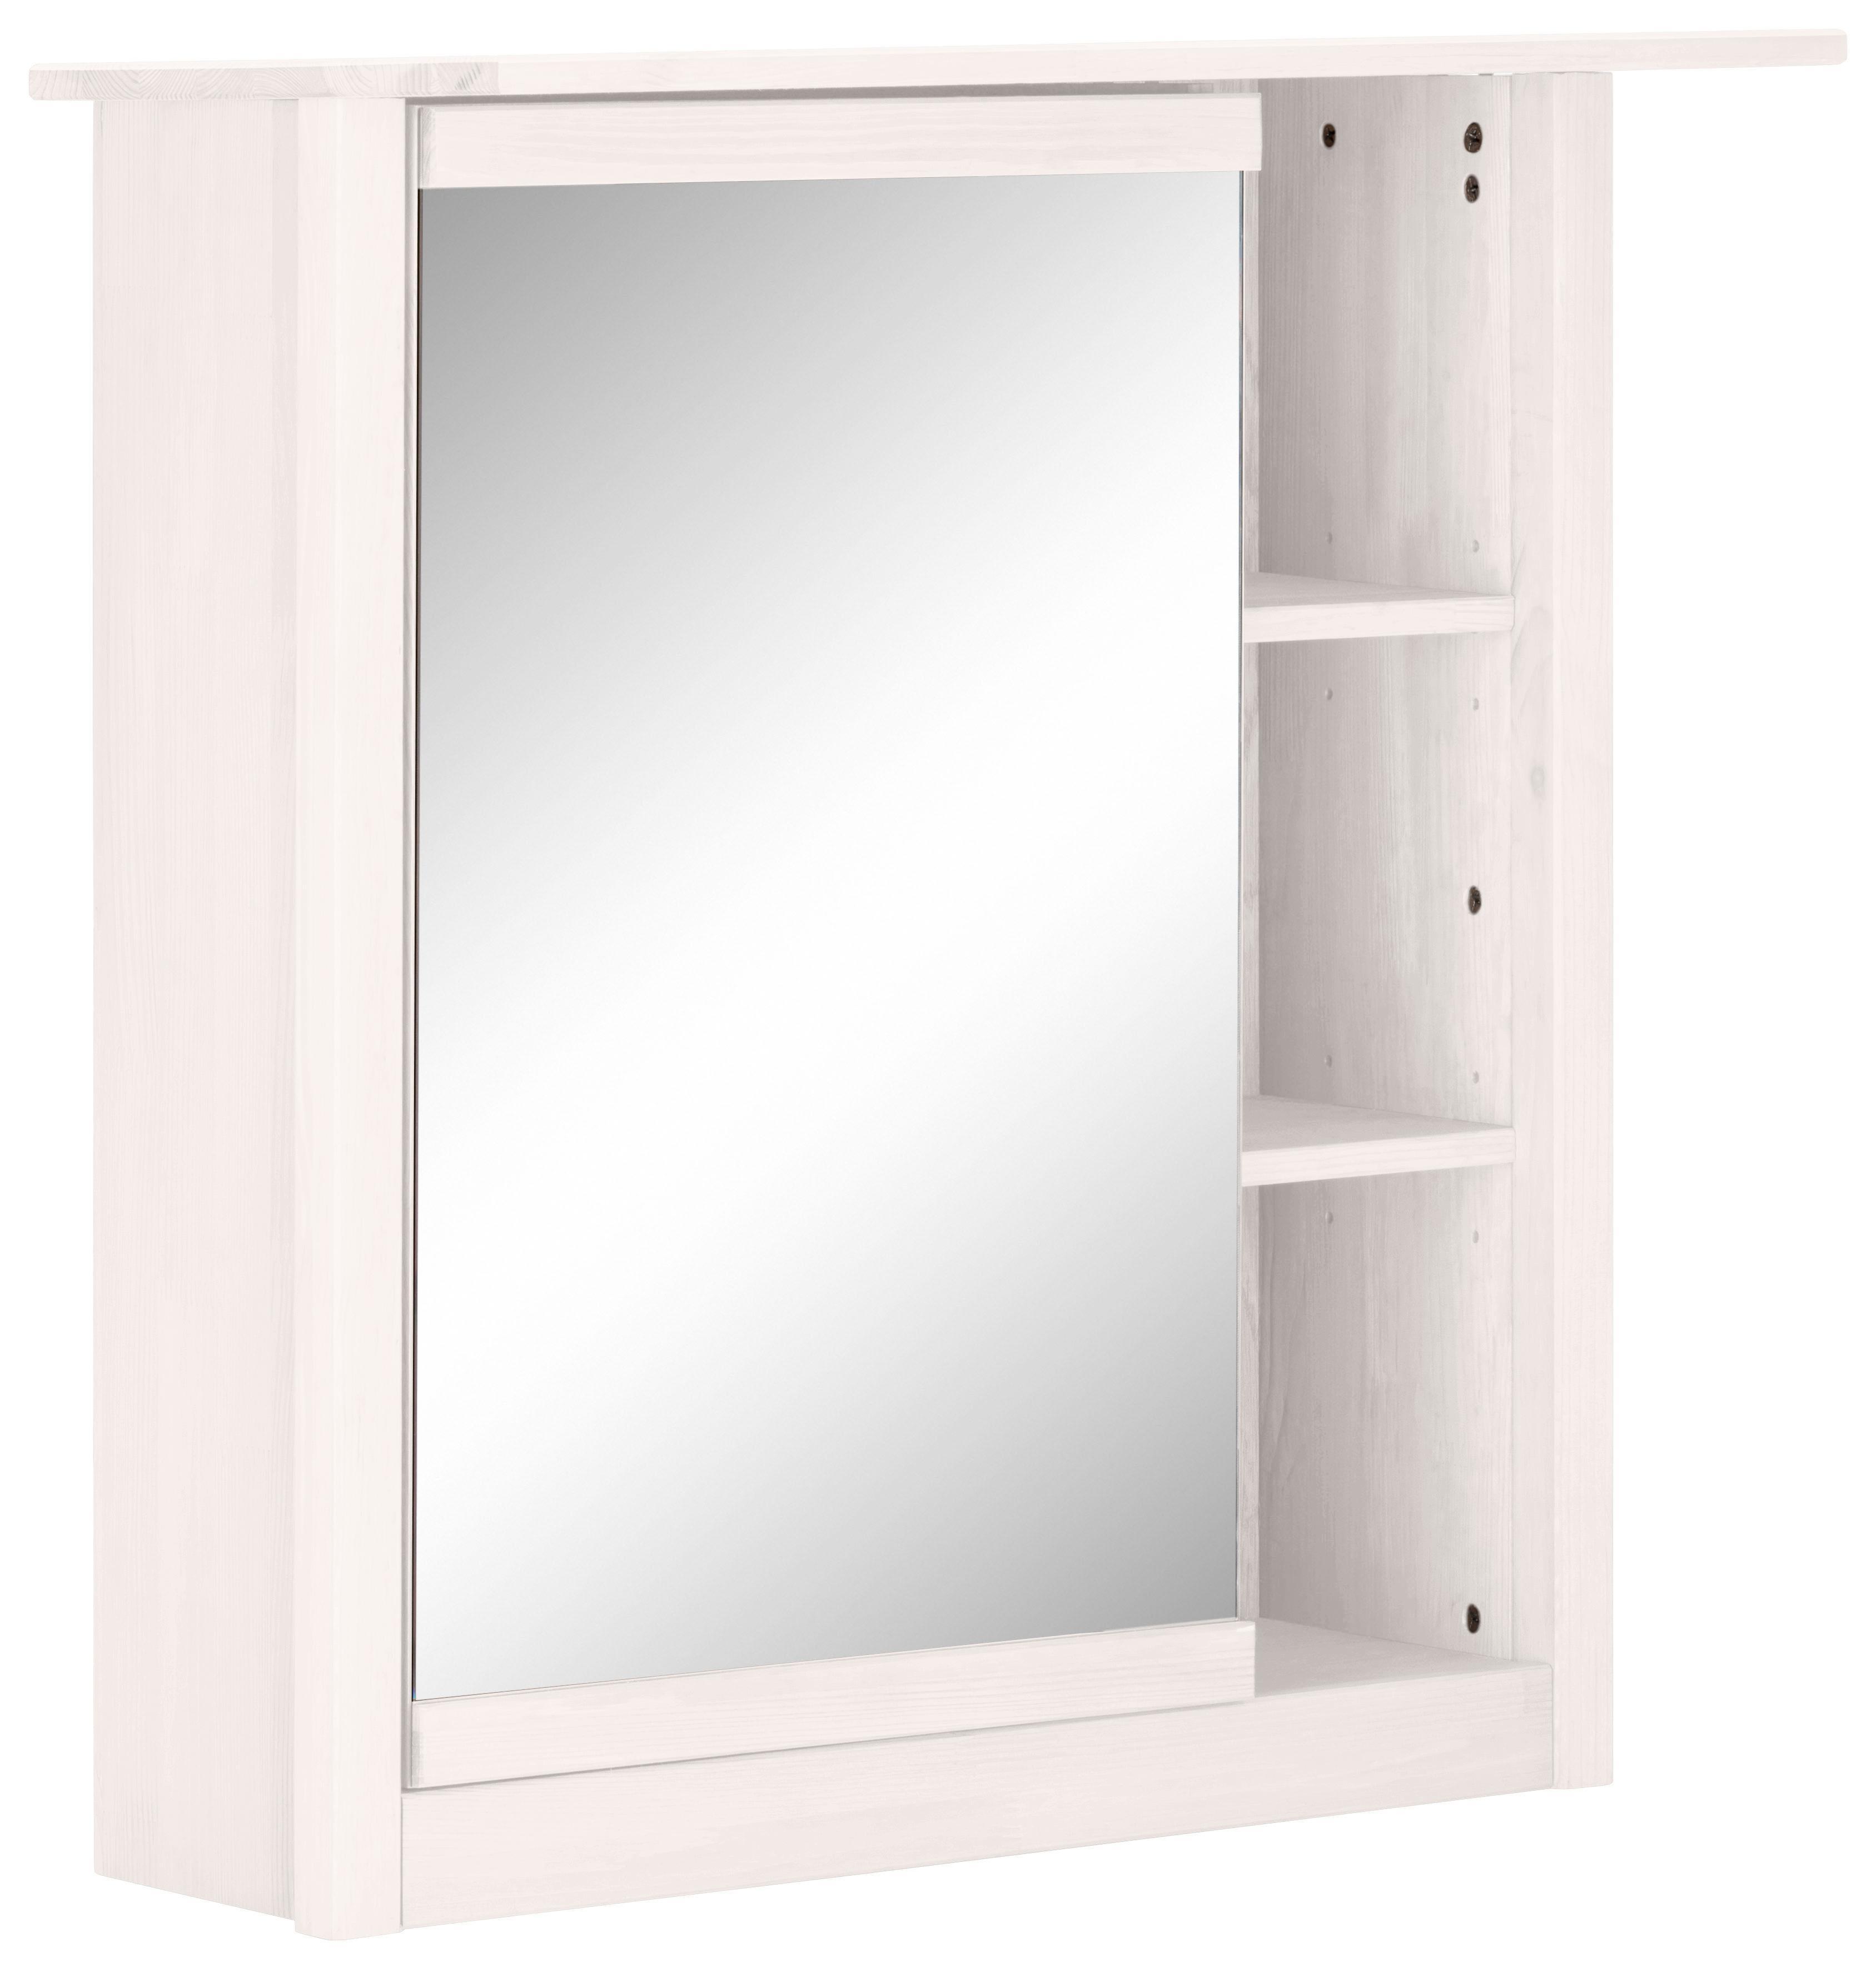 kiefer Spiegelschränke fürs Bad online kaufen | Möbel-Suchmaschine ...